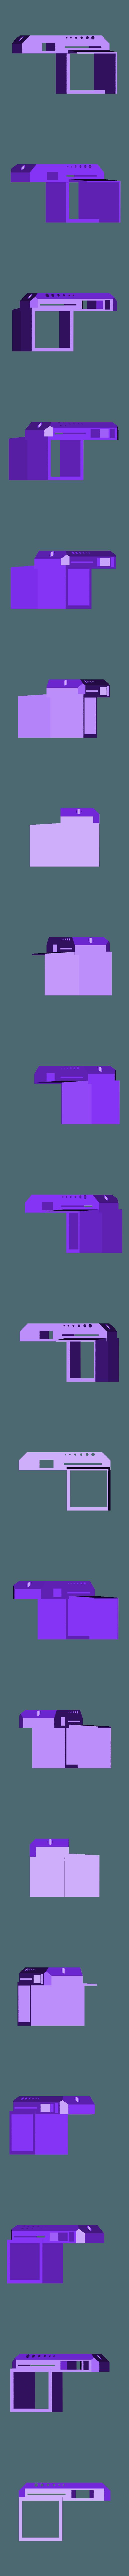 Tool_holder_lack.stl Télécharger fichier STL gratuit ikea manque de porte-outils d'empileur sans vis • Design imprimable en 3D, Punisher_4u